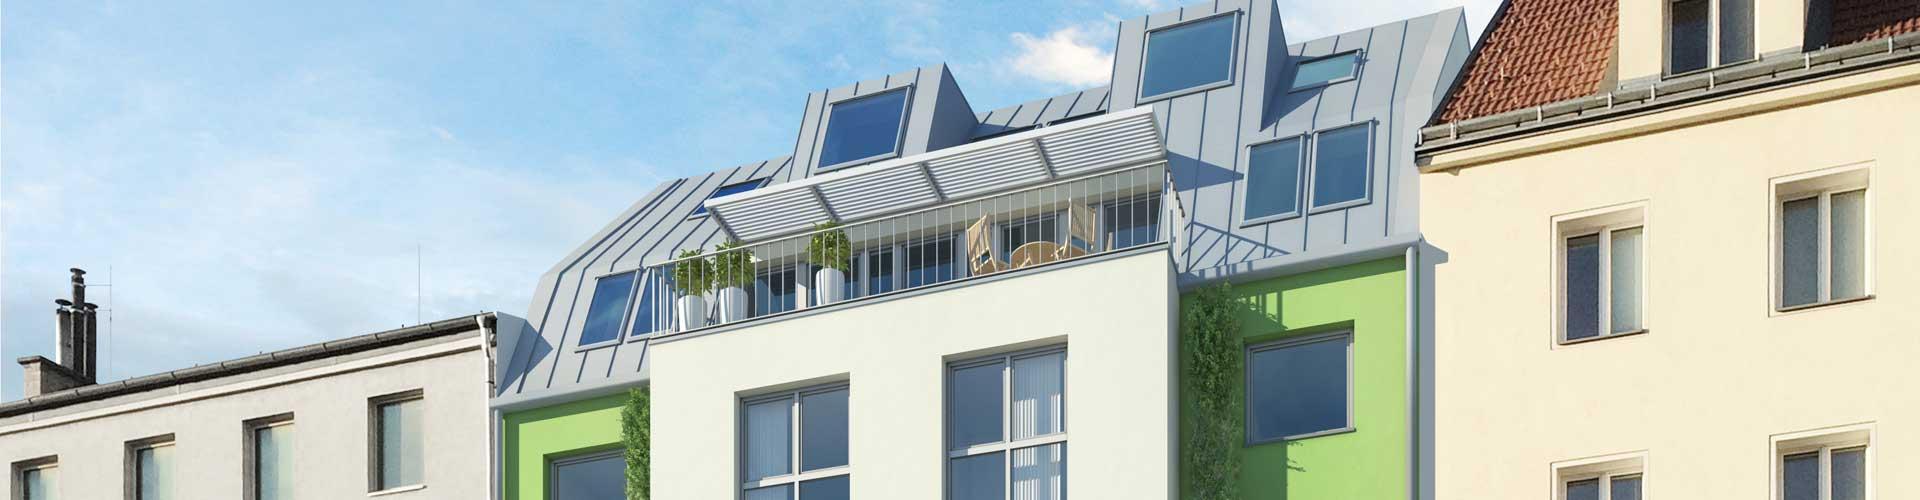 Wohnhaus Eichenstraße 54, 1120 Wien